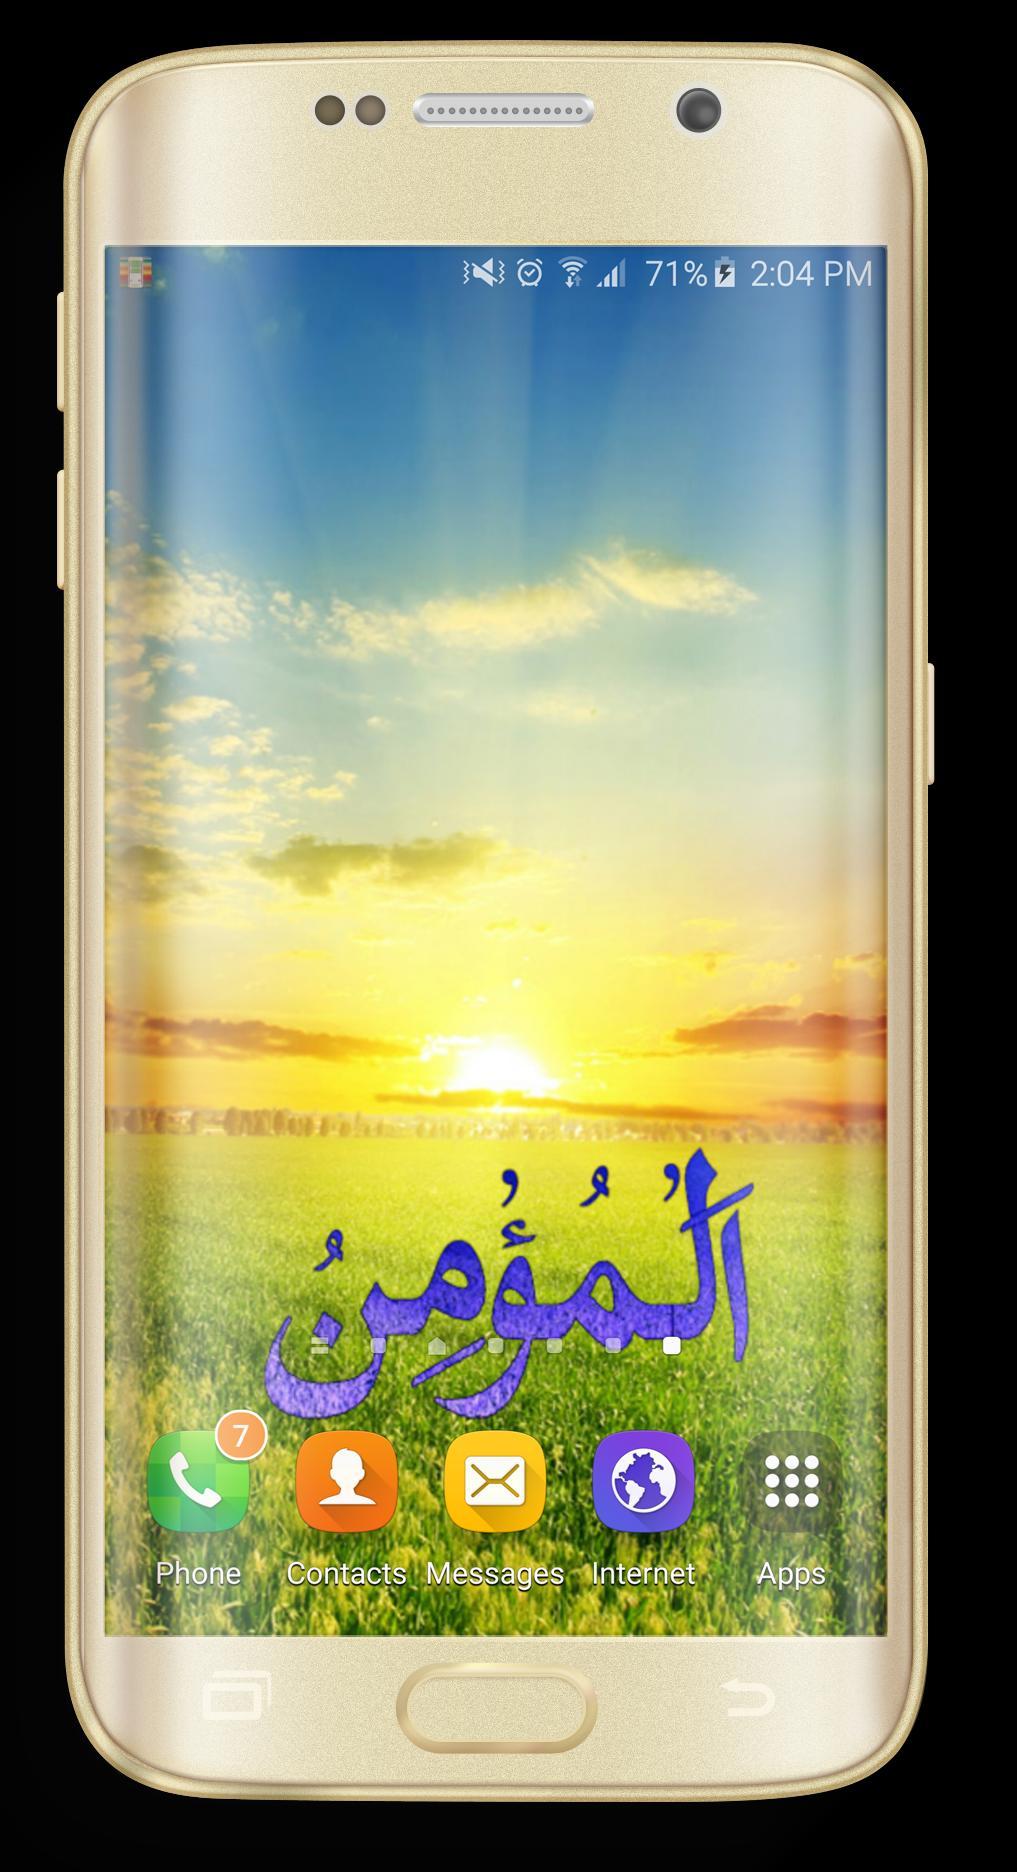 أسماء الله الحسنى خلفية متحركة For Android Apk Download